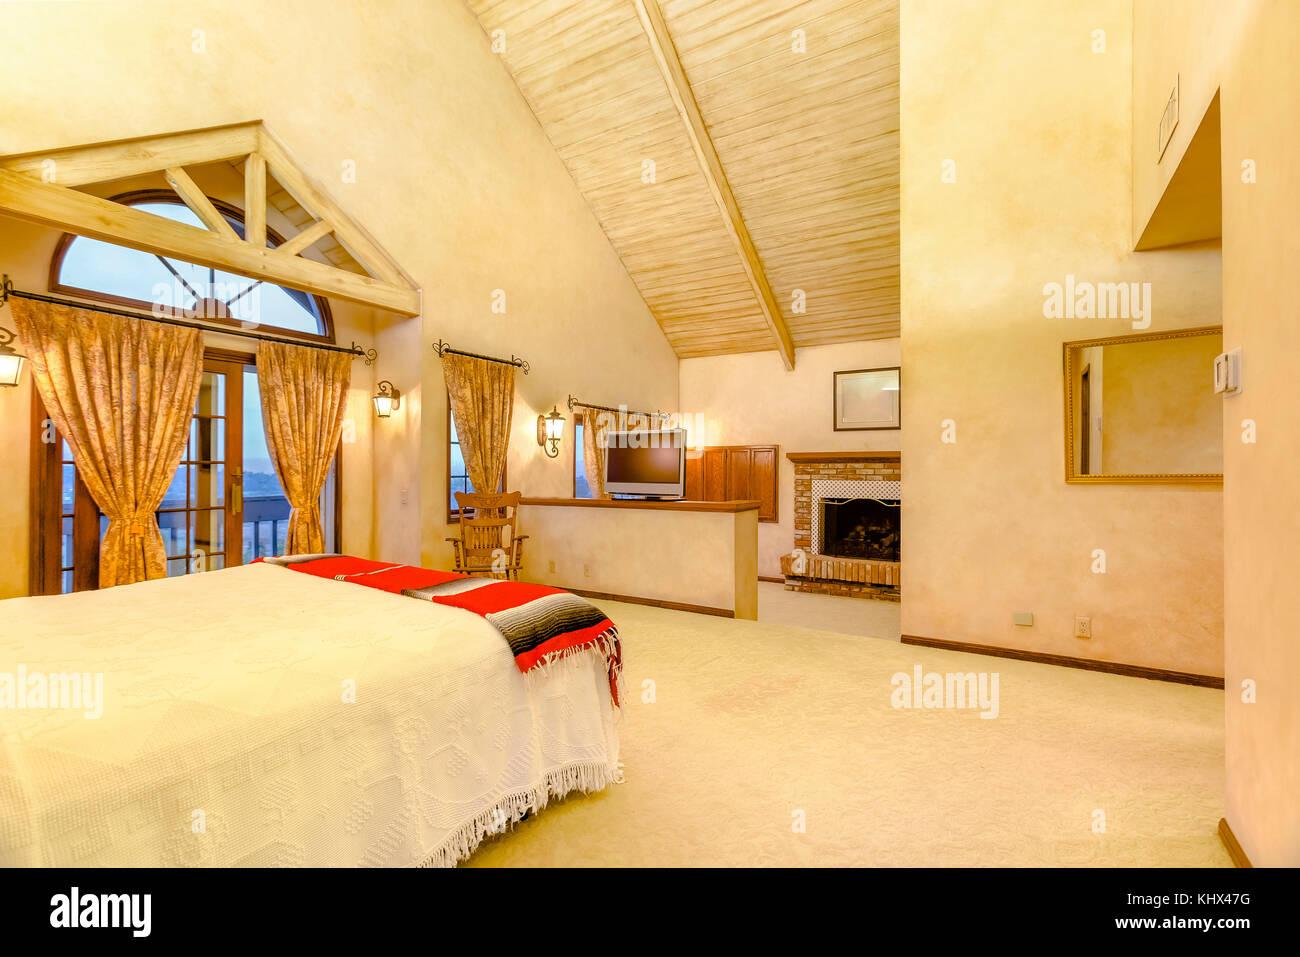 Riscaldare Camera Da Letto luminose, aprire e riscaldare la camera da letto principale